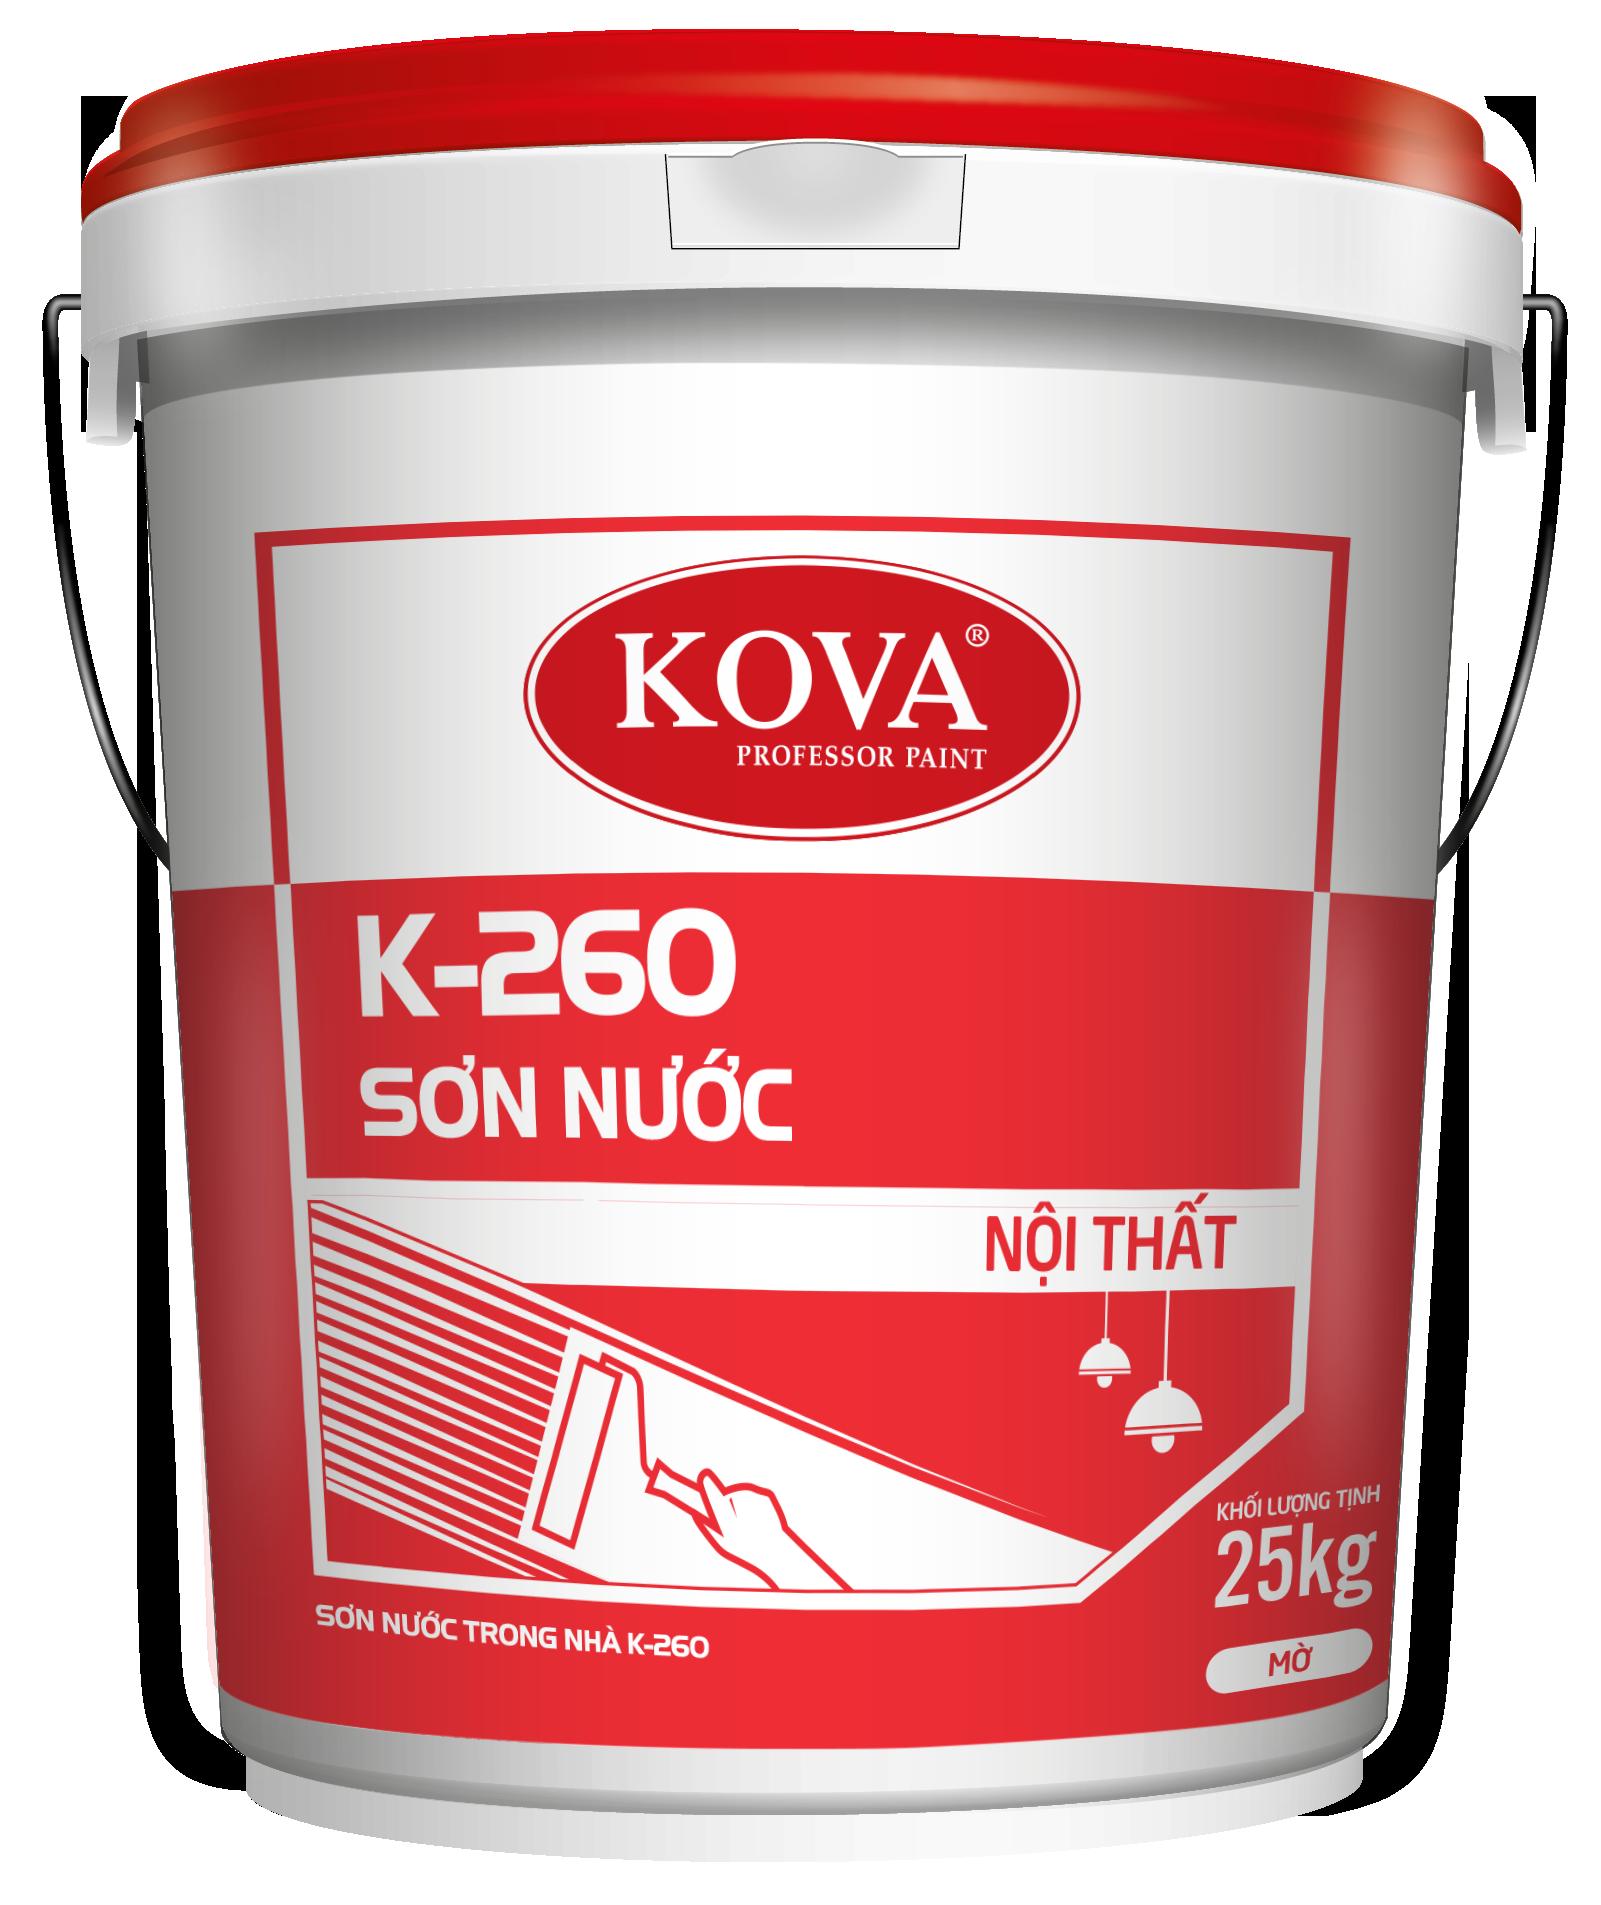 Sơn nội thất cao cấp Kova K-260